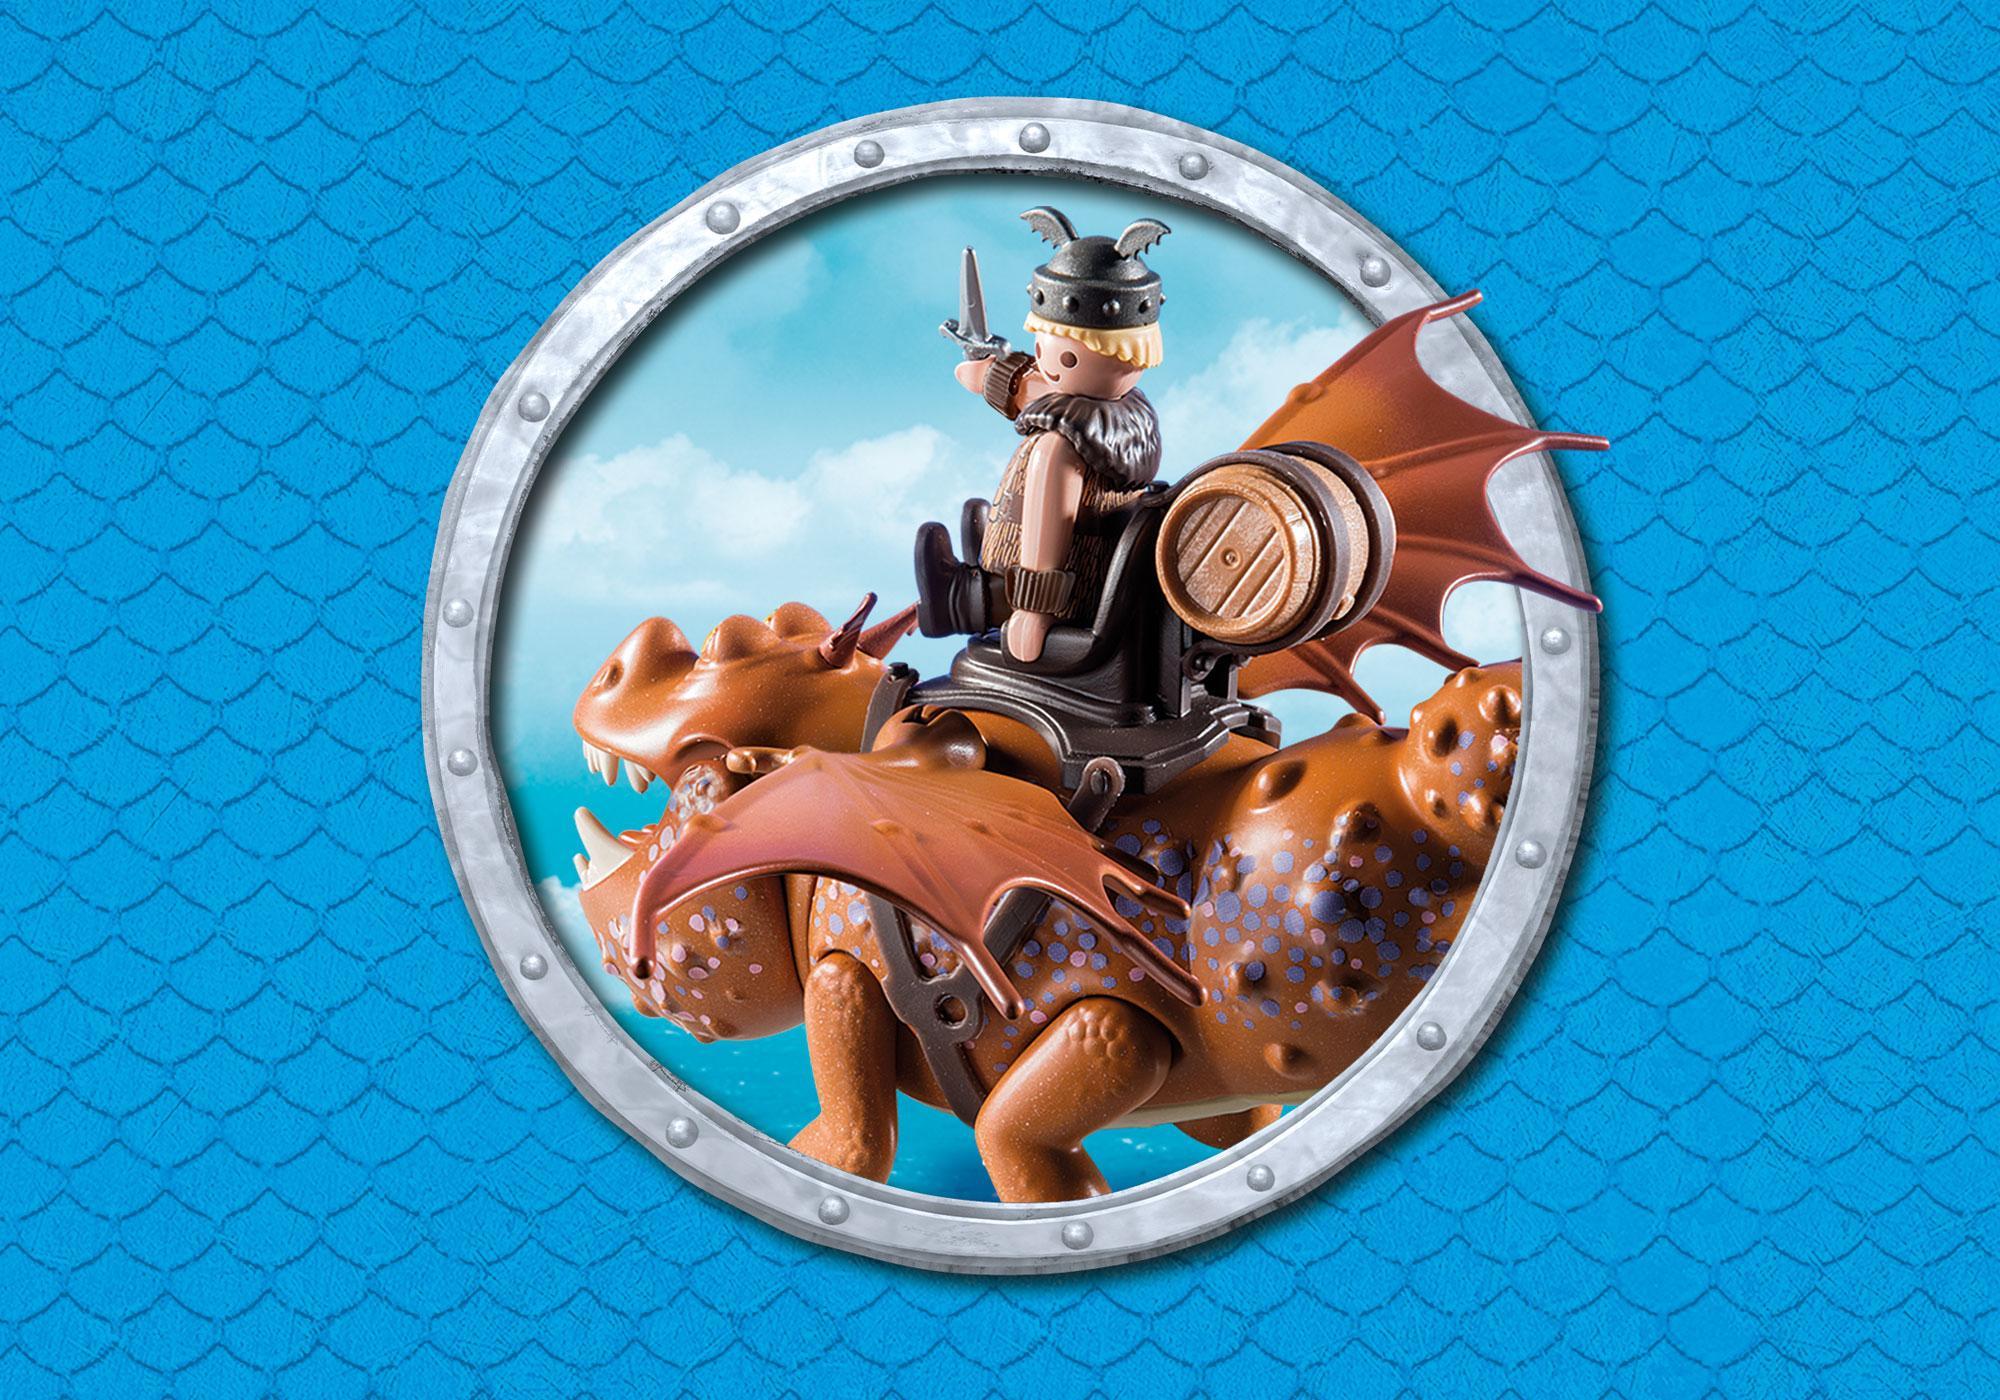 http://media.playmobil.com/i/playmobil/9460_product_extra5/Fiskfot och Tjockvald